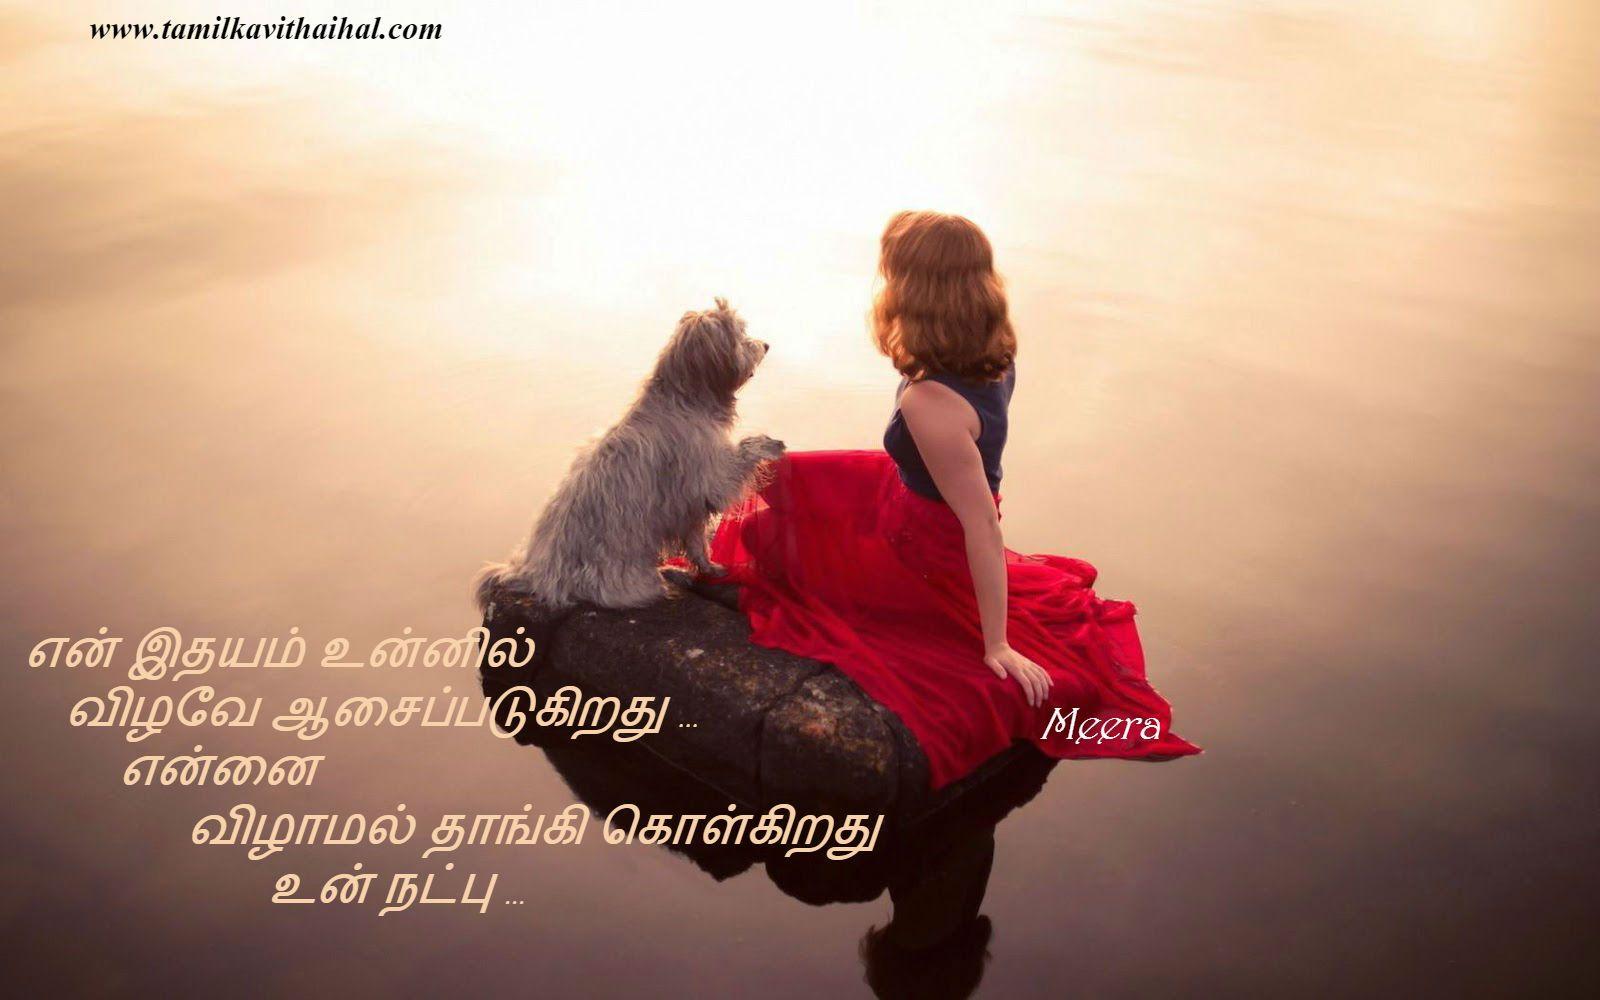 natpu tamil kavithai idhayam nanban girl dog tholan